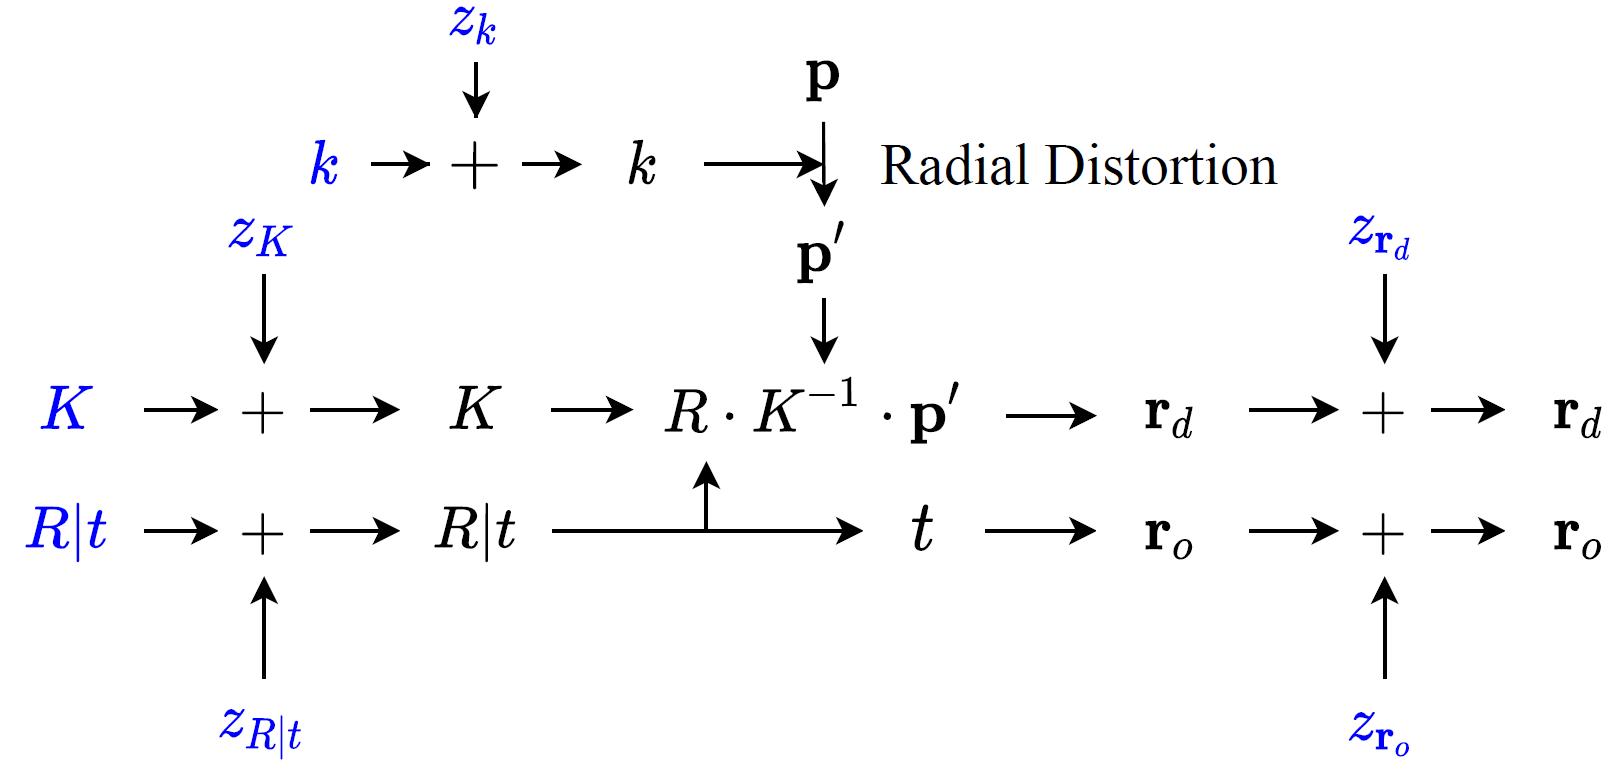 computational graph for rays